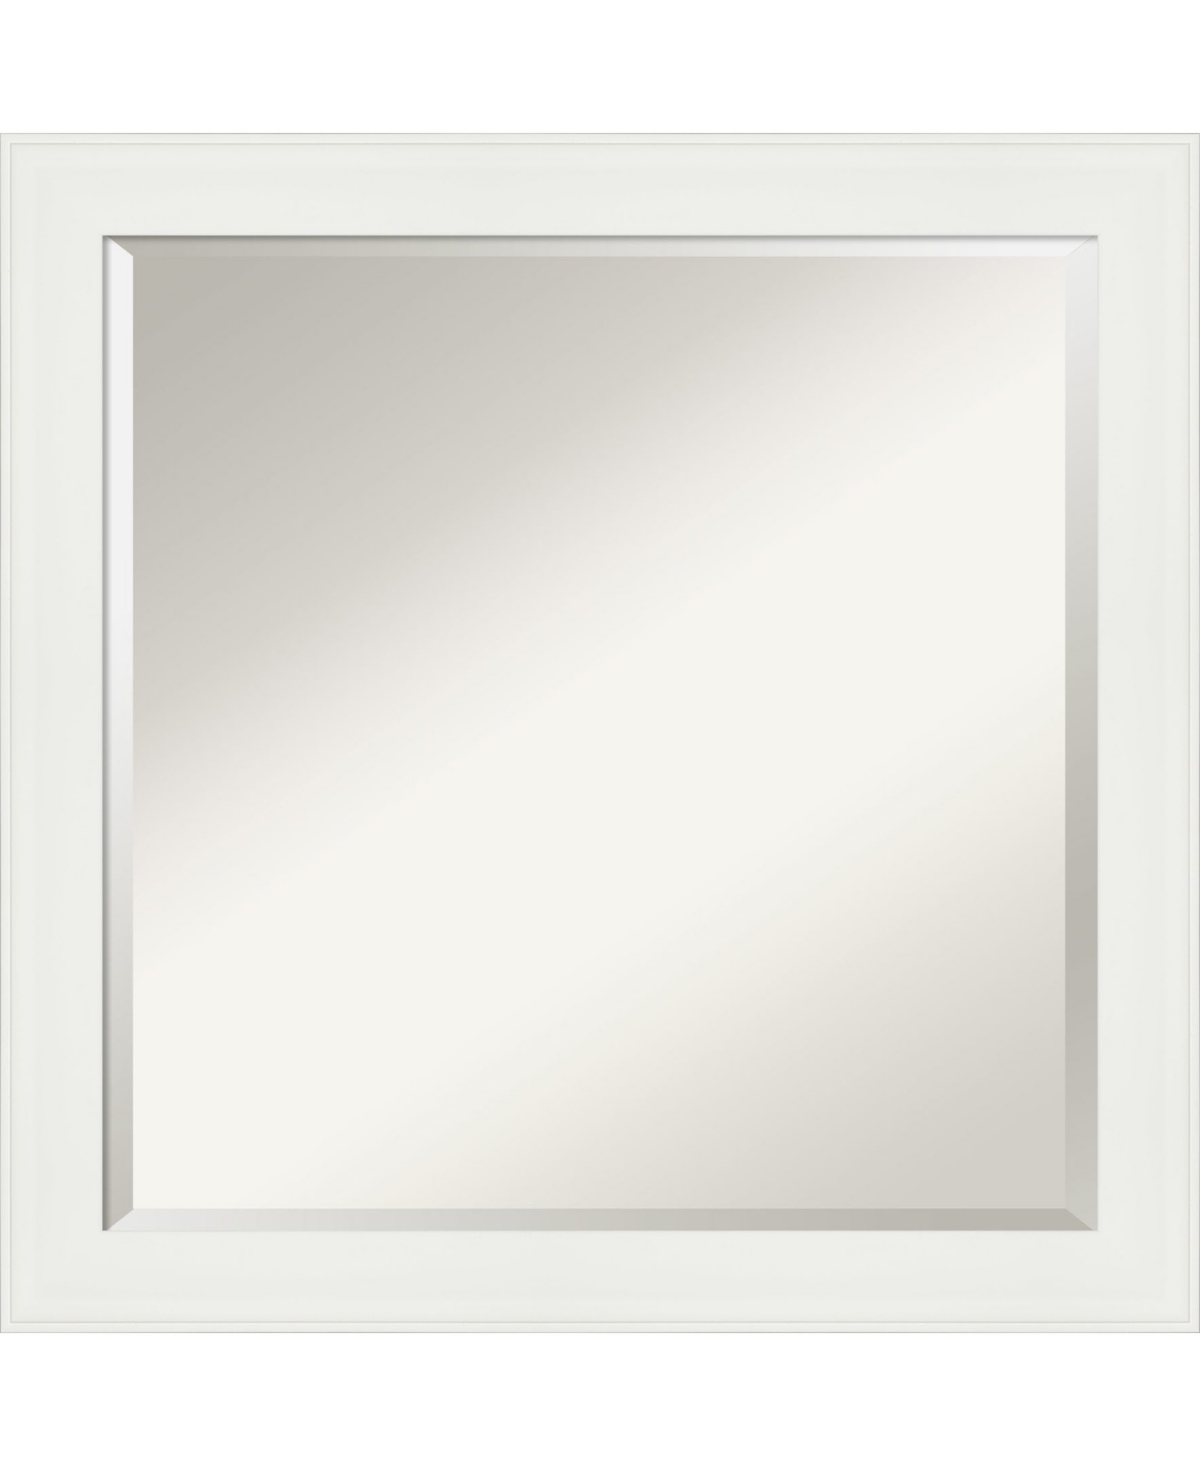 Amanti Art Vanity Framed Bathroom Vanity Wall Mirror, 23.38